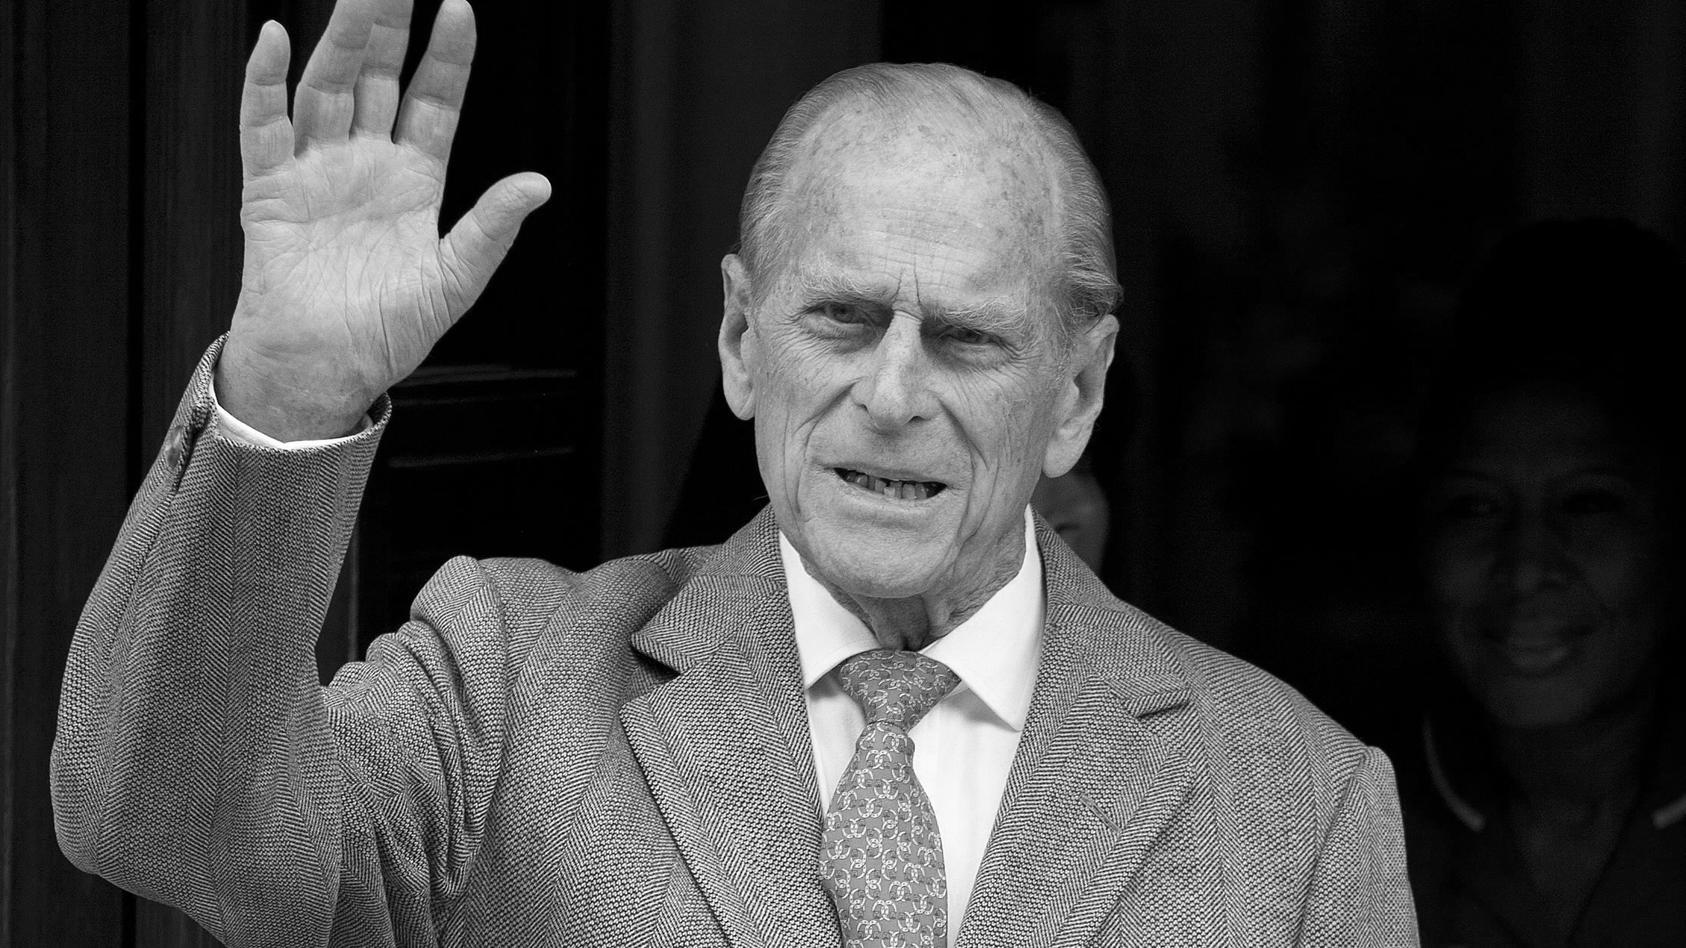 Die royale Familie hat am 17. April Abschied von Prinz Philip genommen